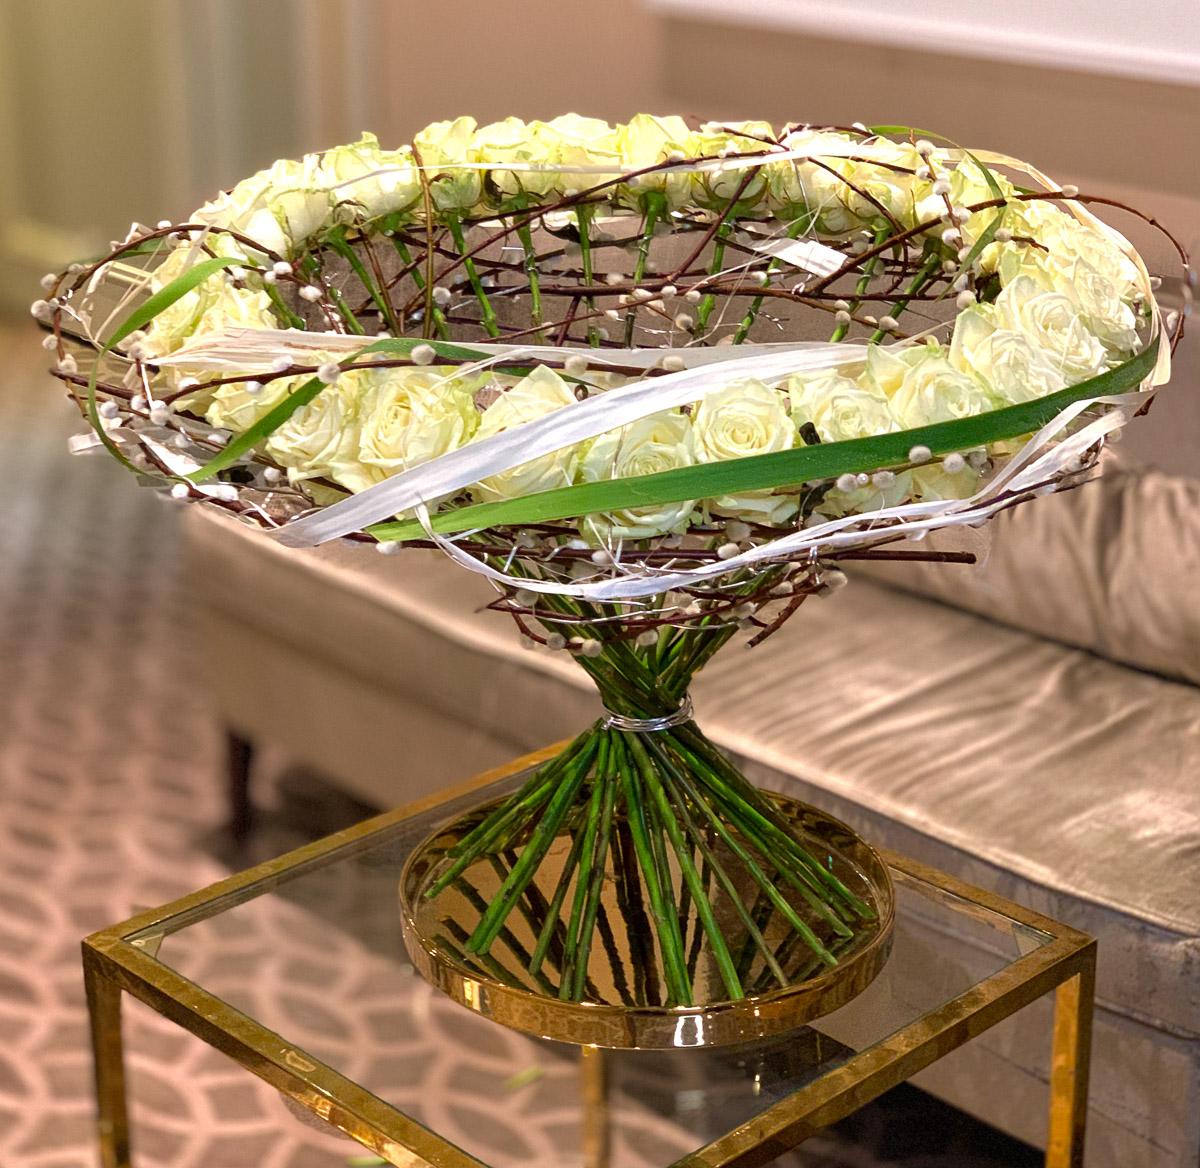 Words & Porta Nova designs with Stein Are Hansen the Florist Adventurer